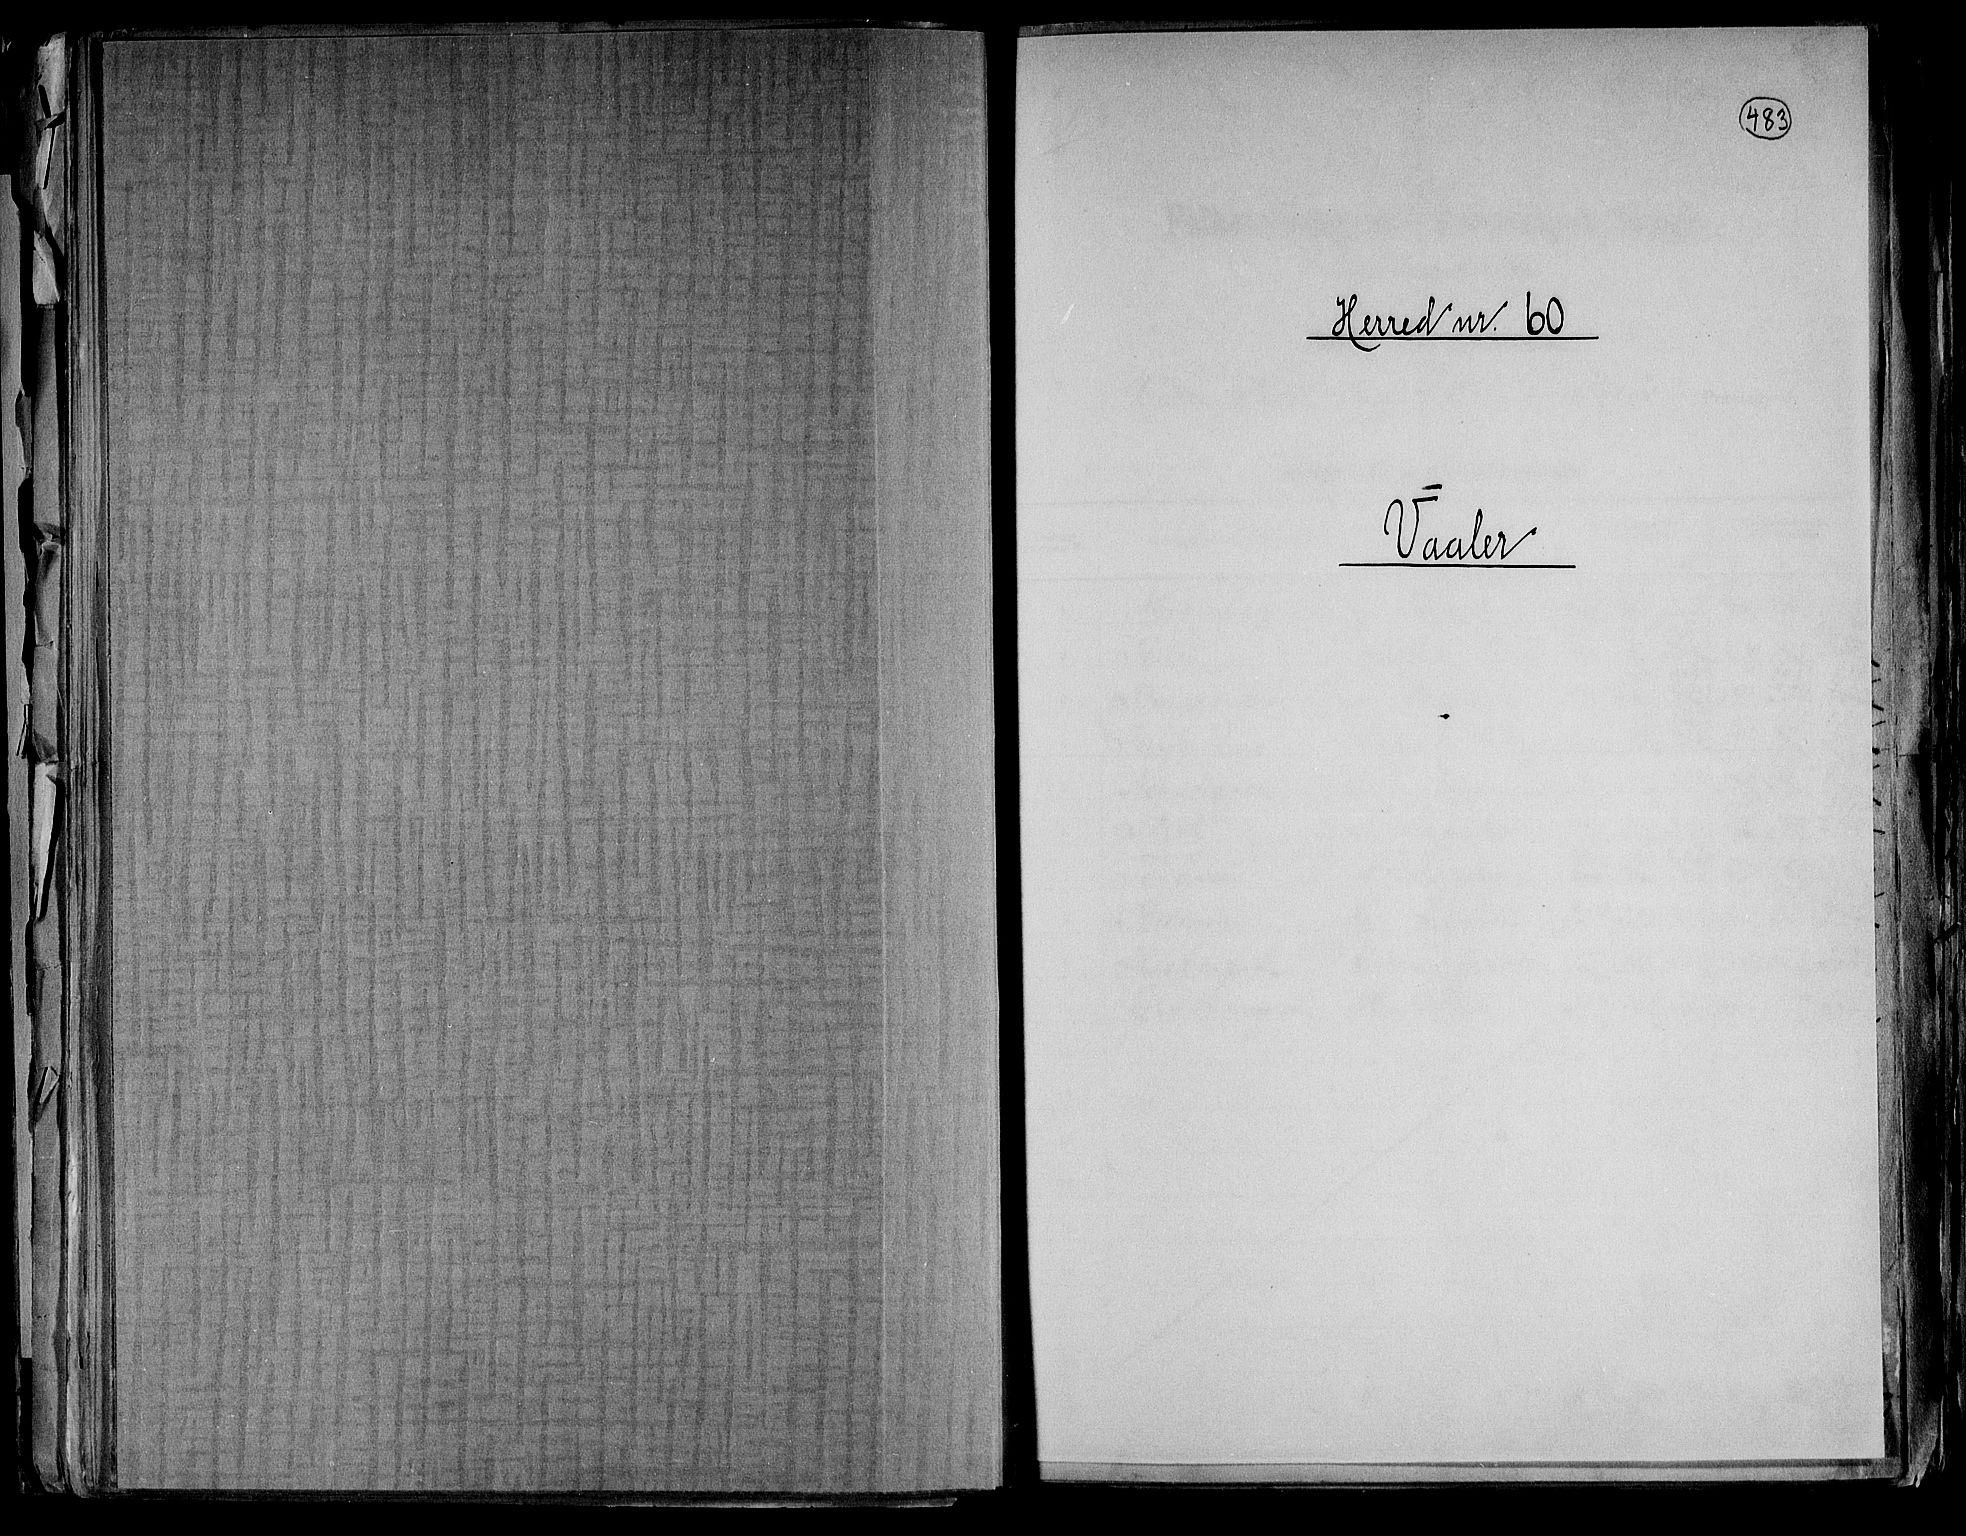 RA, Folketelling 1891 for 0426 Våler herred, 1891, s. 1